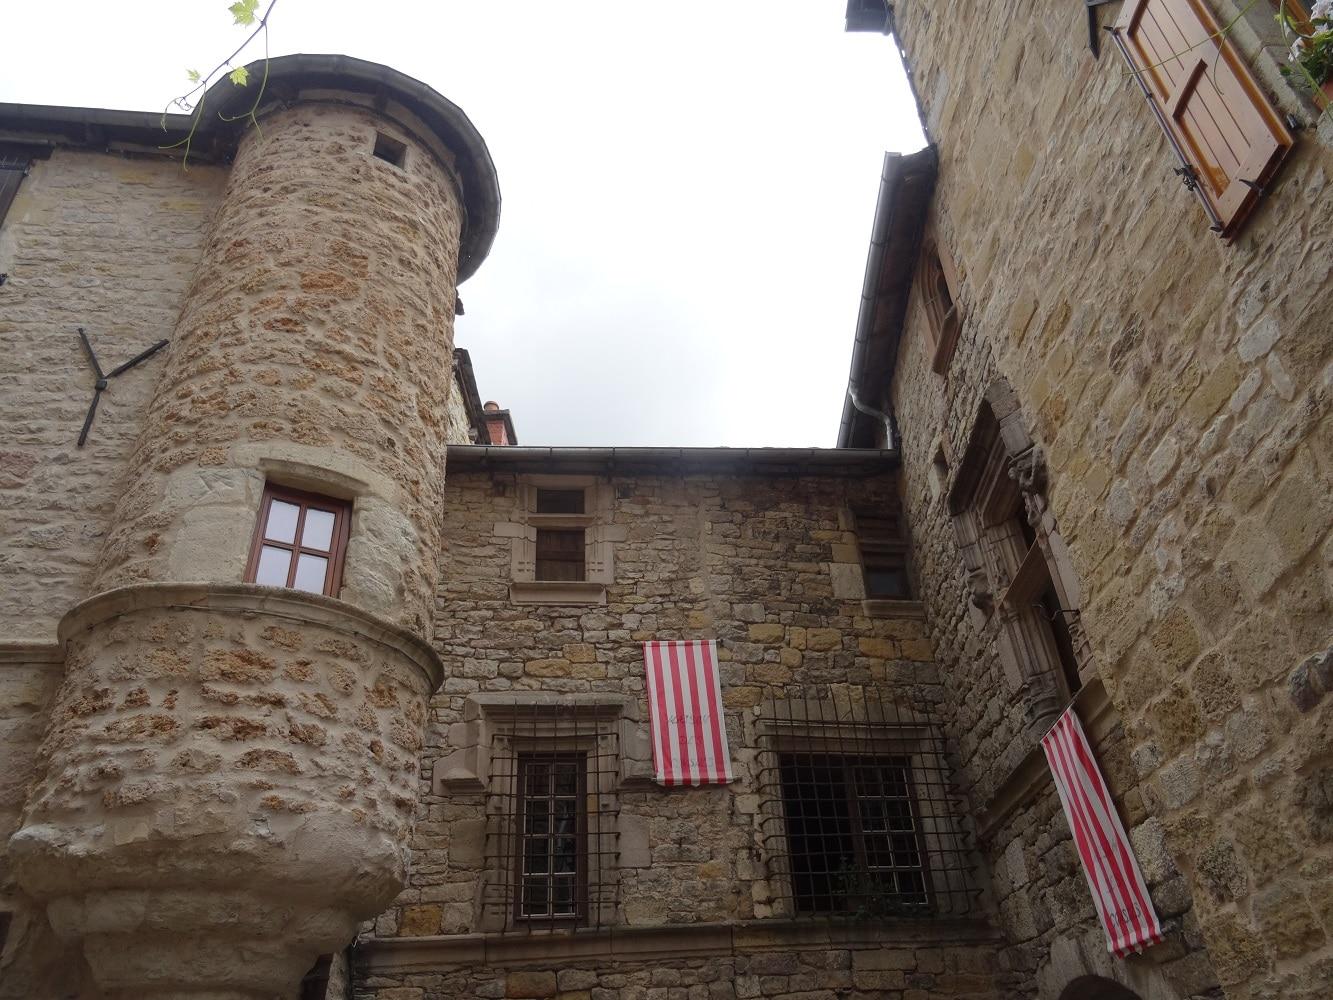 Le village médiéval de Sévérac le Chateau dans l'Aveyron